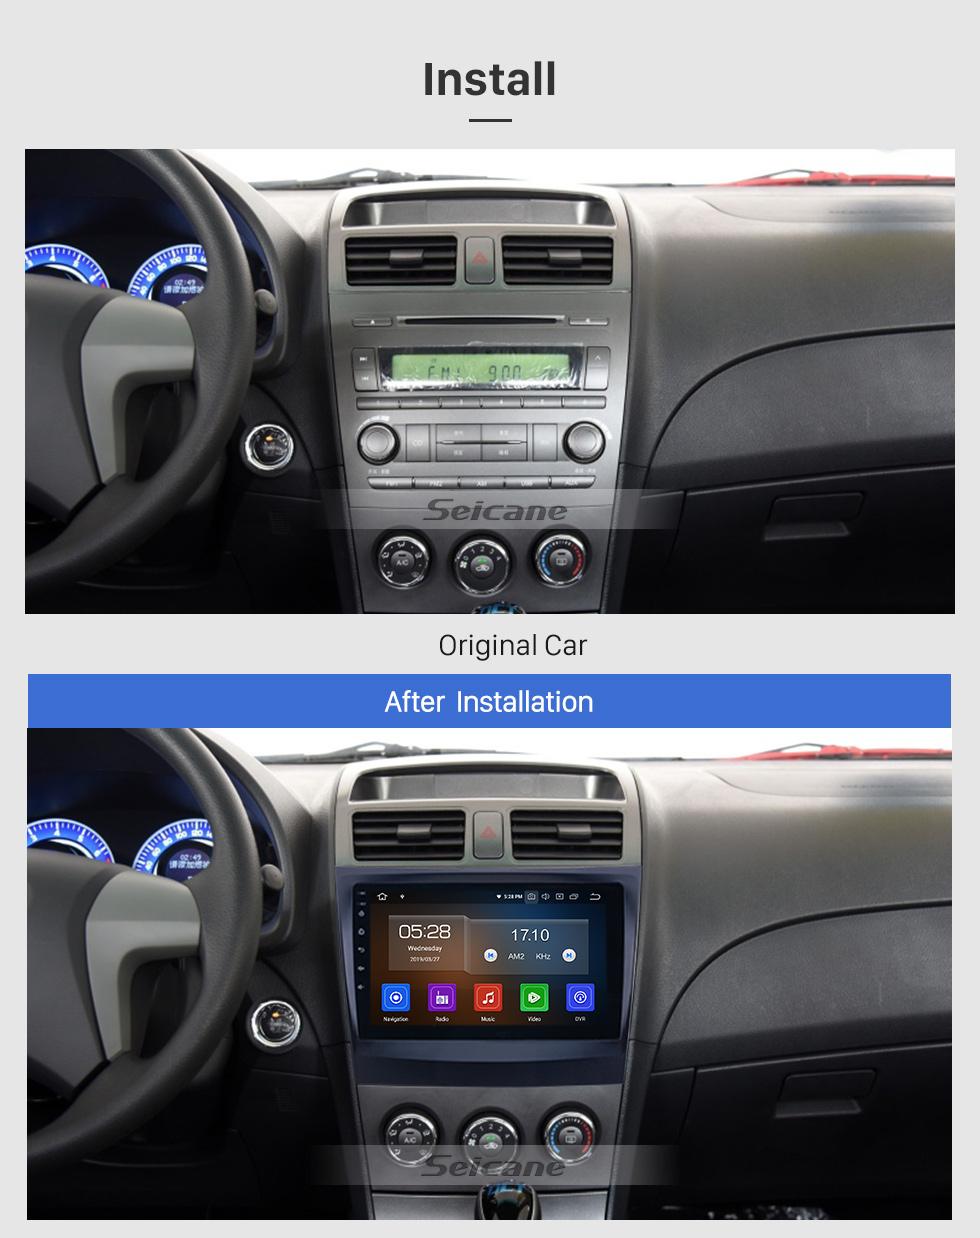 Seicane 2014-2015 BYD L3 Android 9.0 9 polegadas GPS Navegação Rádio Bluetooth HD Touchscreen USB Carplay suporte DVR DAB + SWC